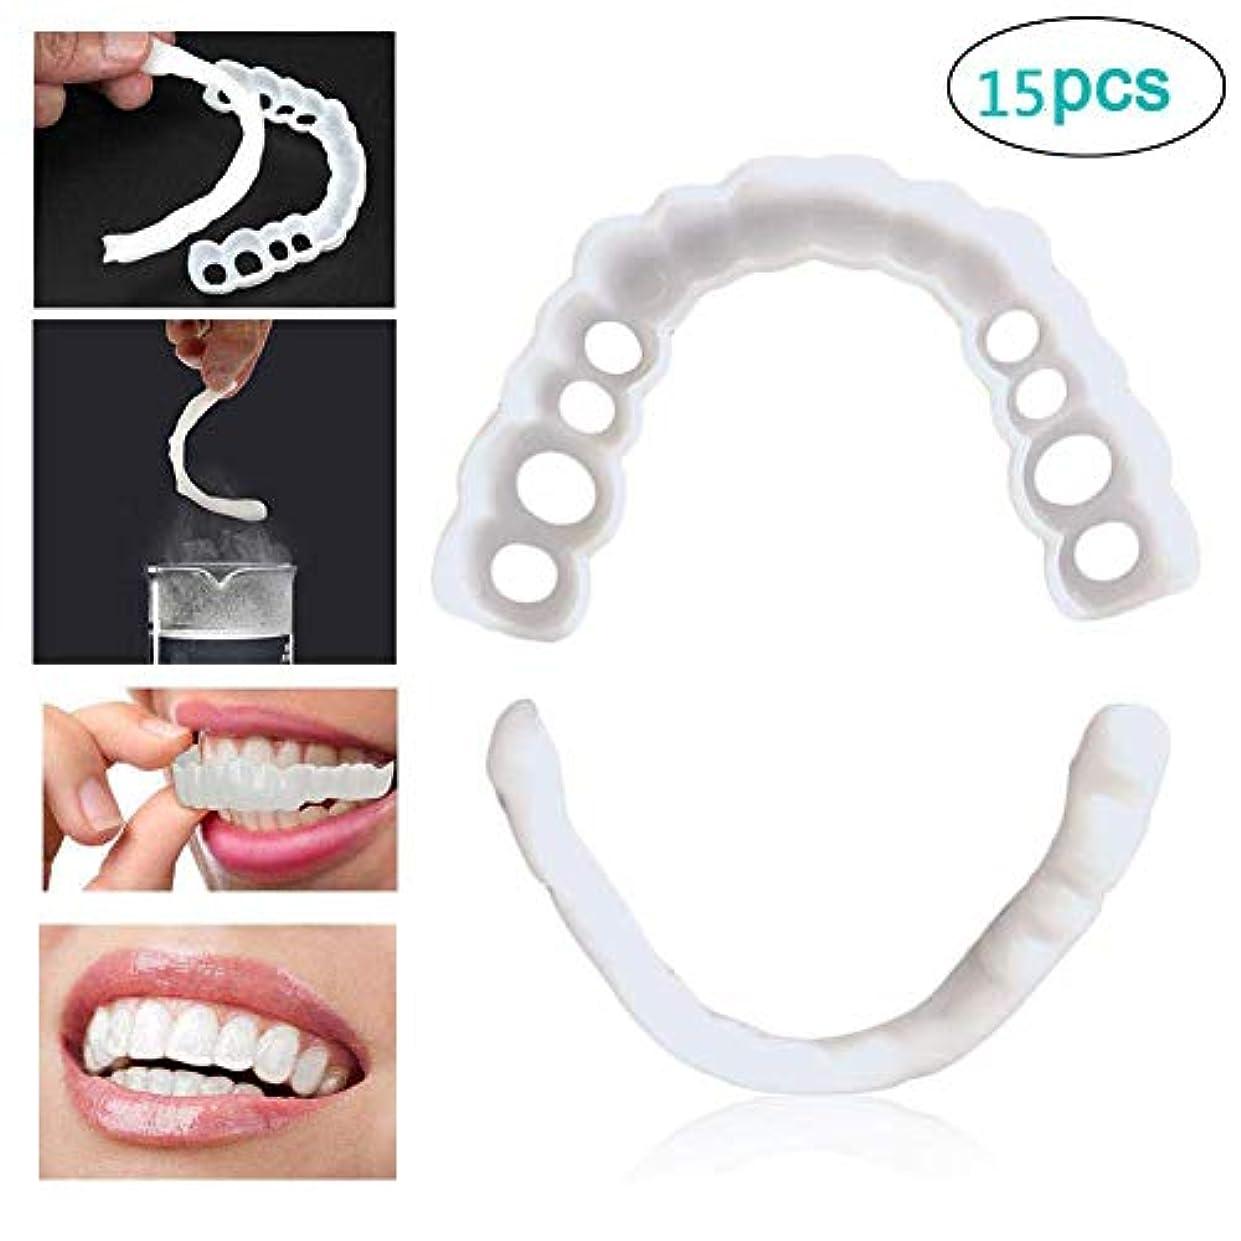 15個の一時的な化粧品の歯を白くする笑顔の偽の歯のカバー笑顔を矯正する歯列矯正の歯の歯(上の歯+下の歯)